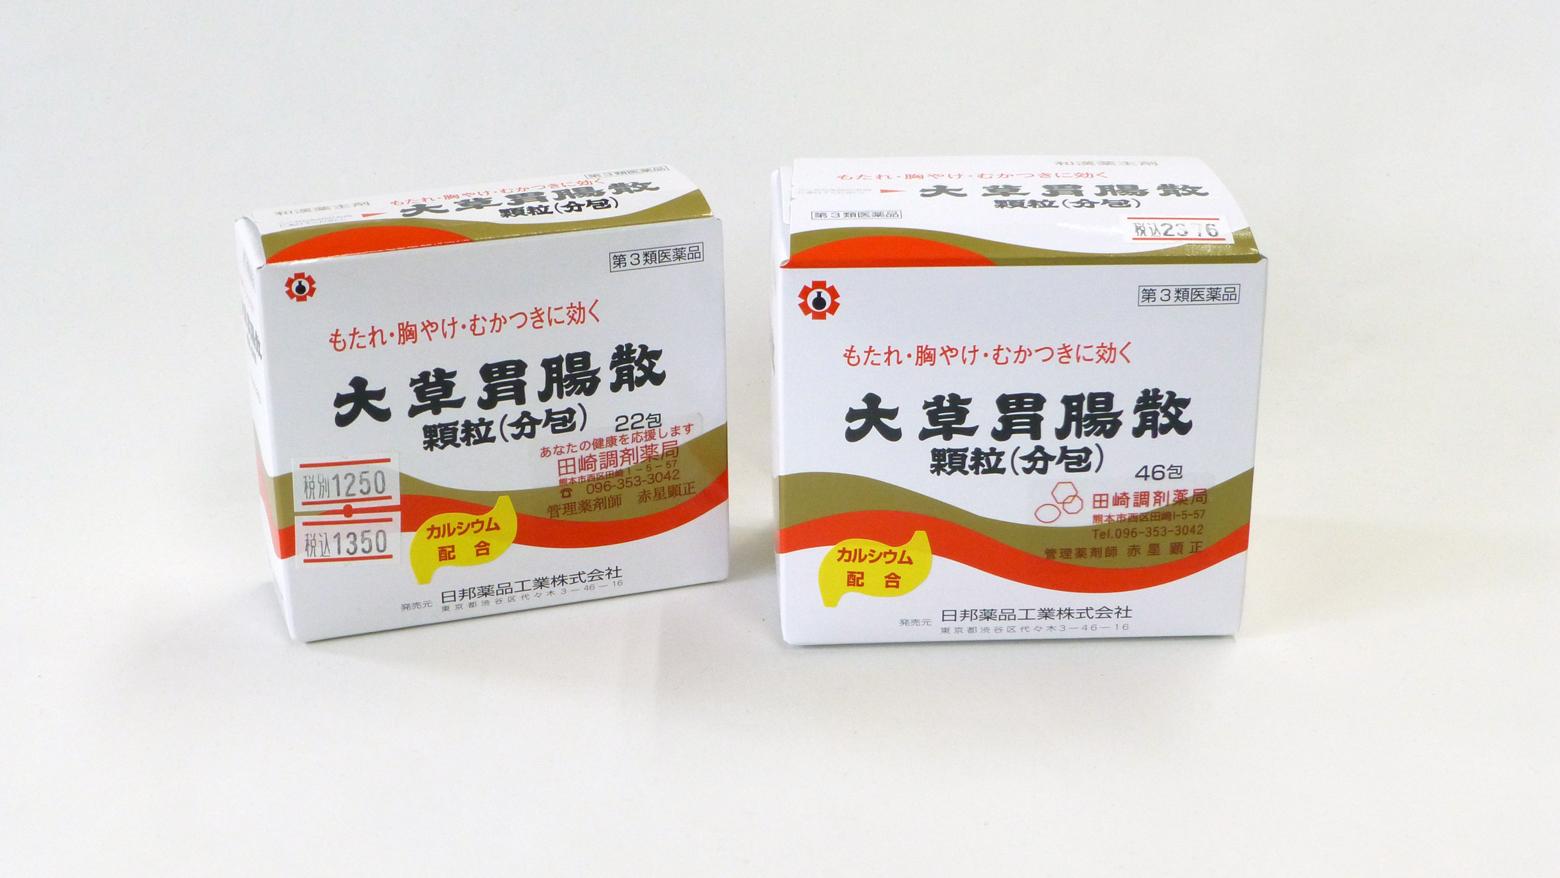 大草胃腸散顆粒(分包)